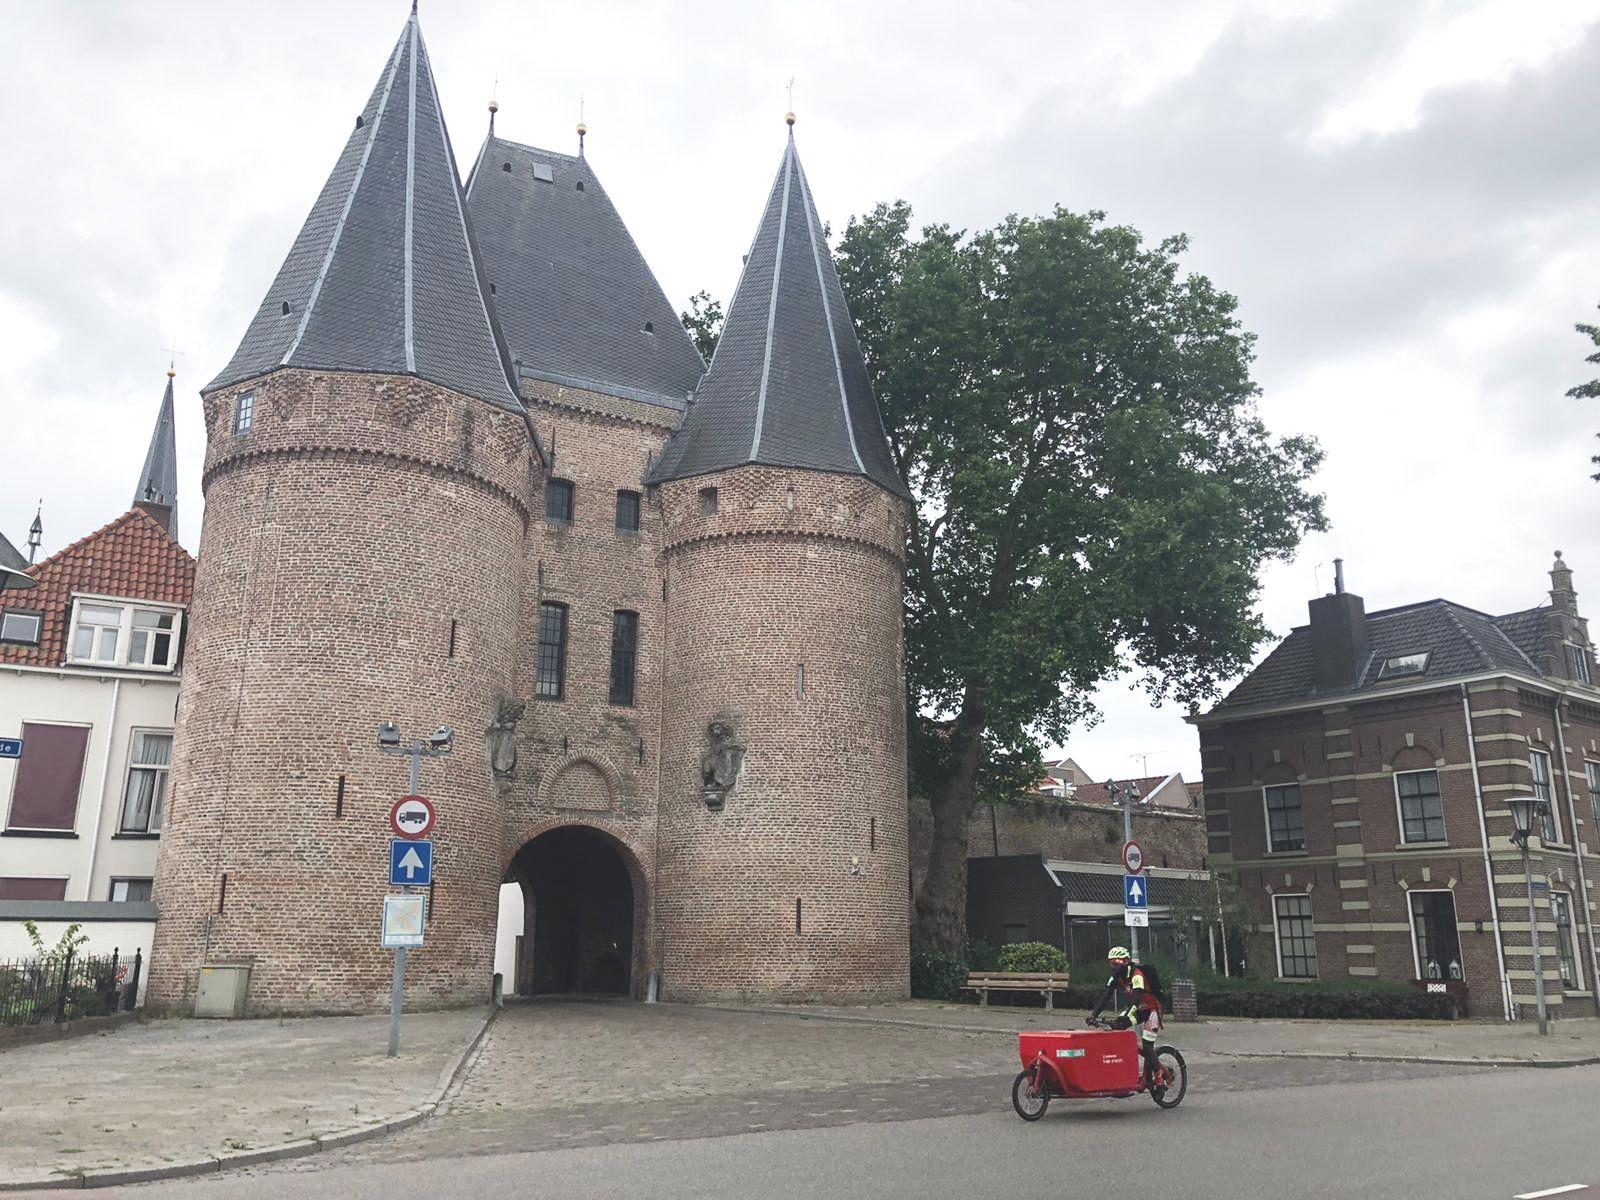 Cycloon opent fietskoeriersvestiging in Kampen